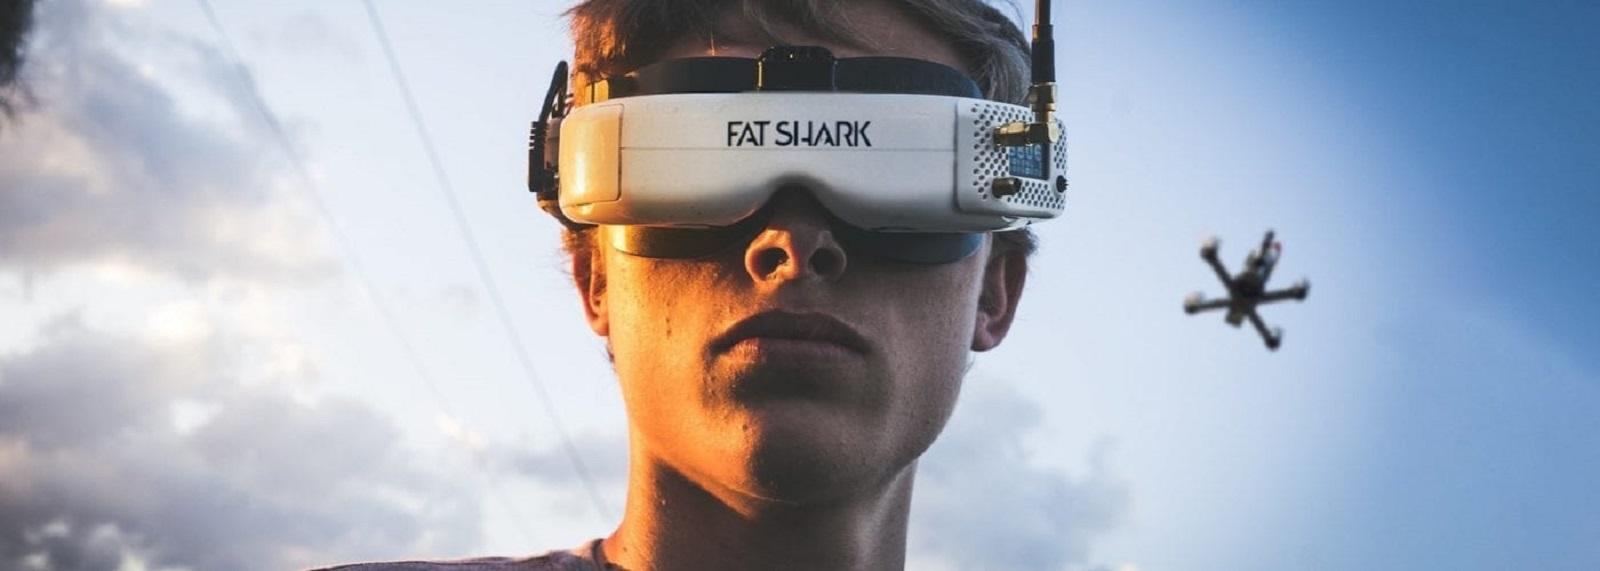 Red Cat подписывает соглашение о приобретении производителя FPV-очков Fat Shark